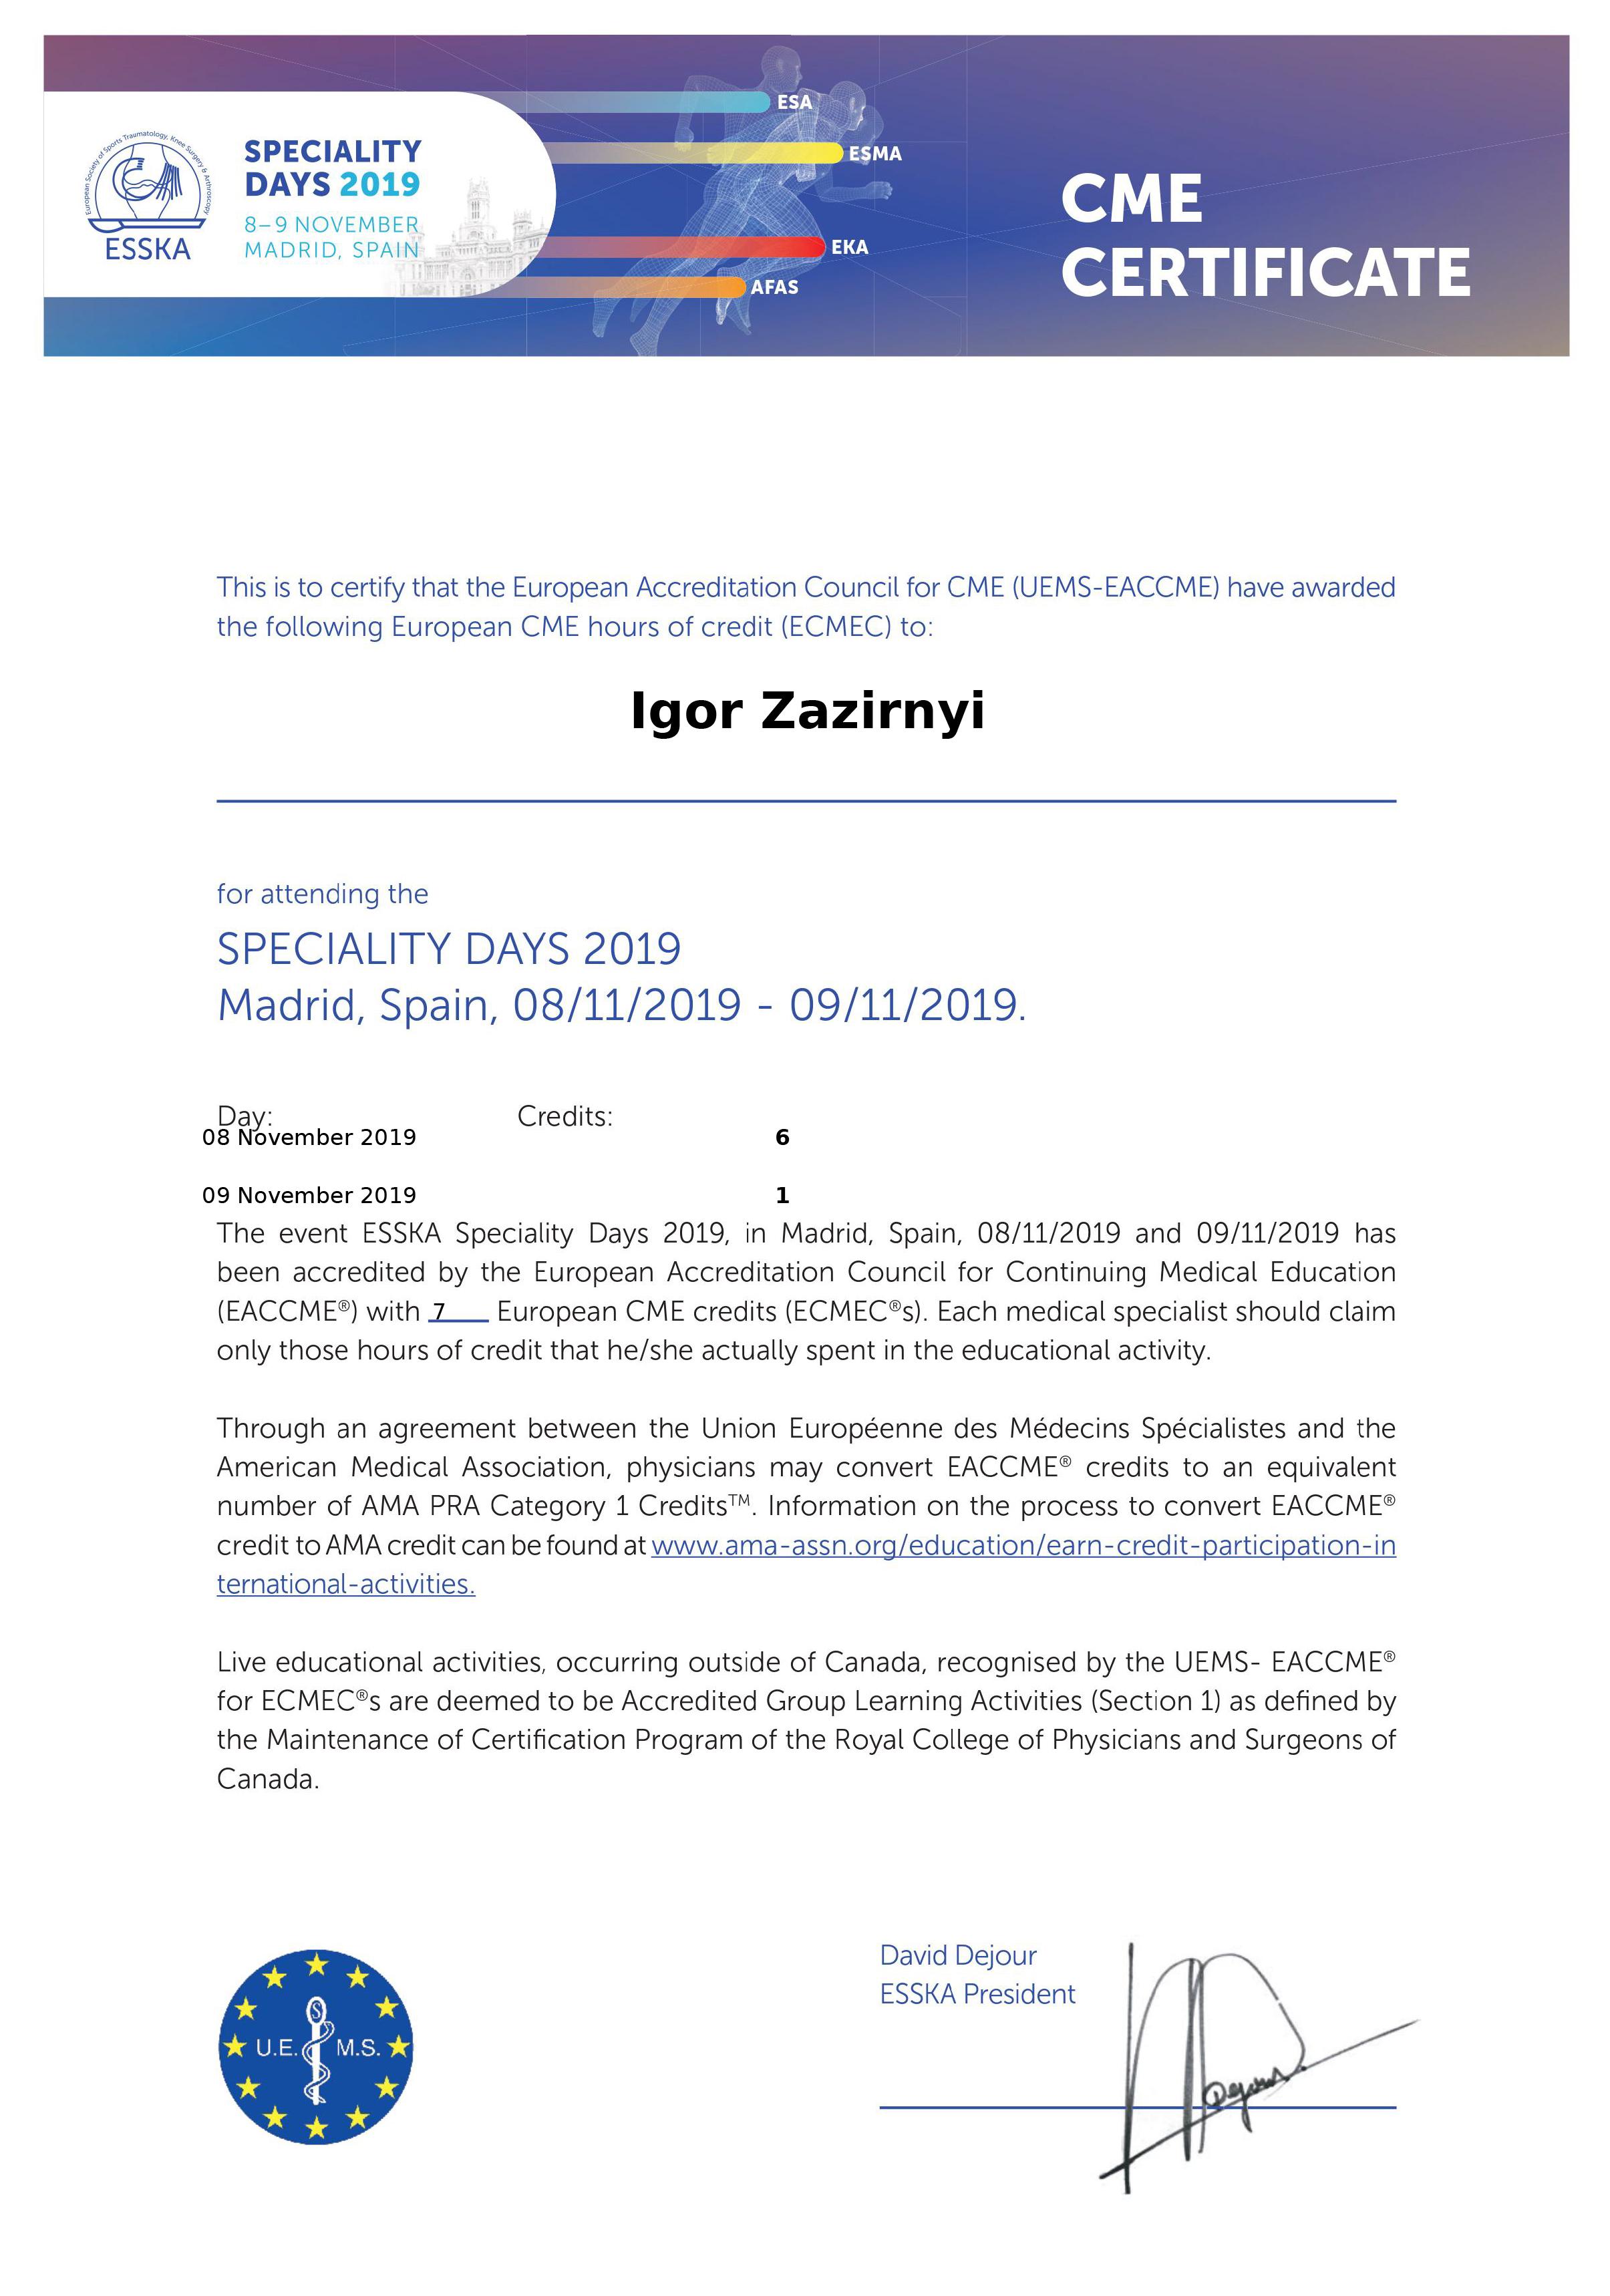 Диплом участника европейского ортопедического конгресса в Мадриде, ноябрь 2019